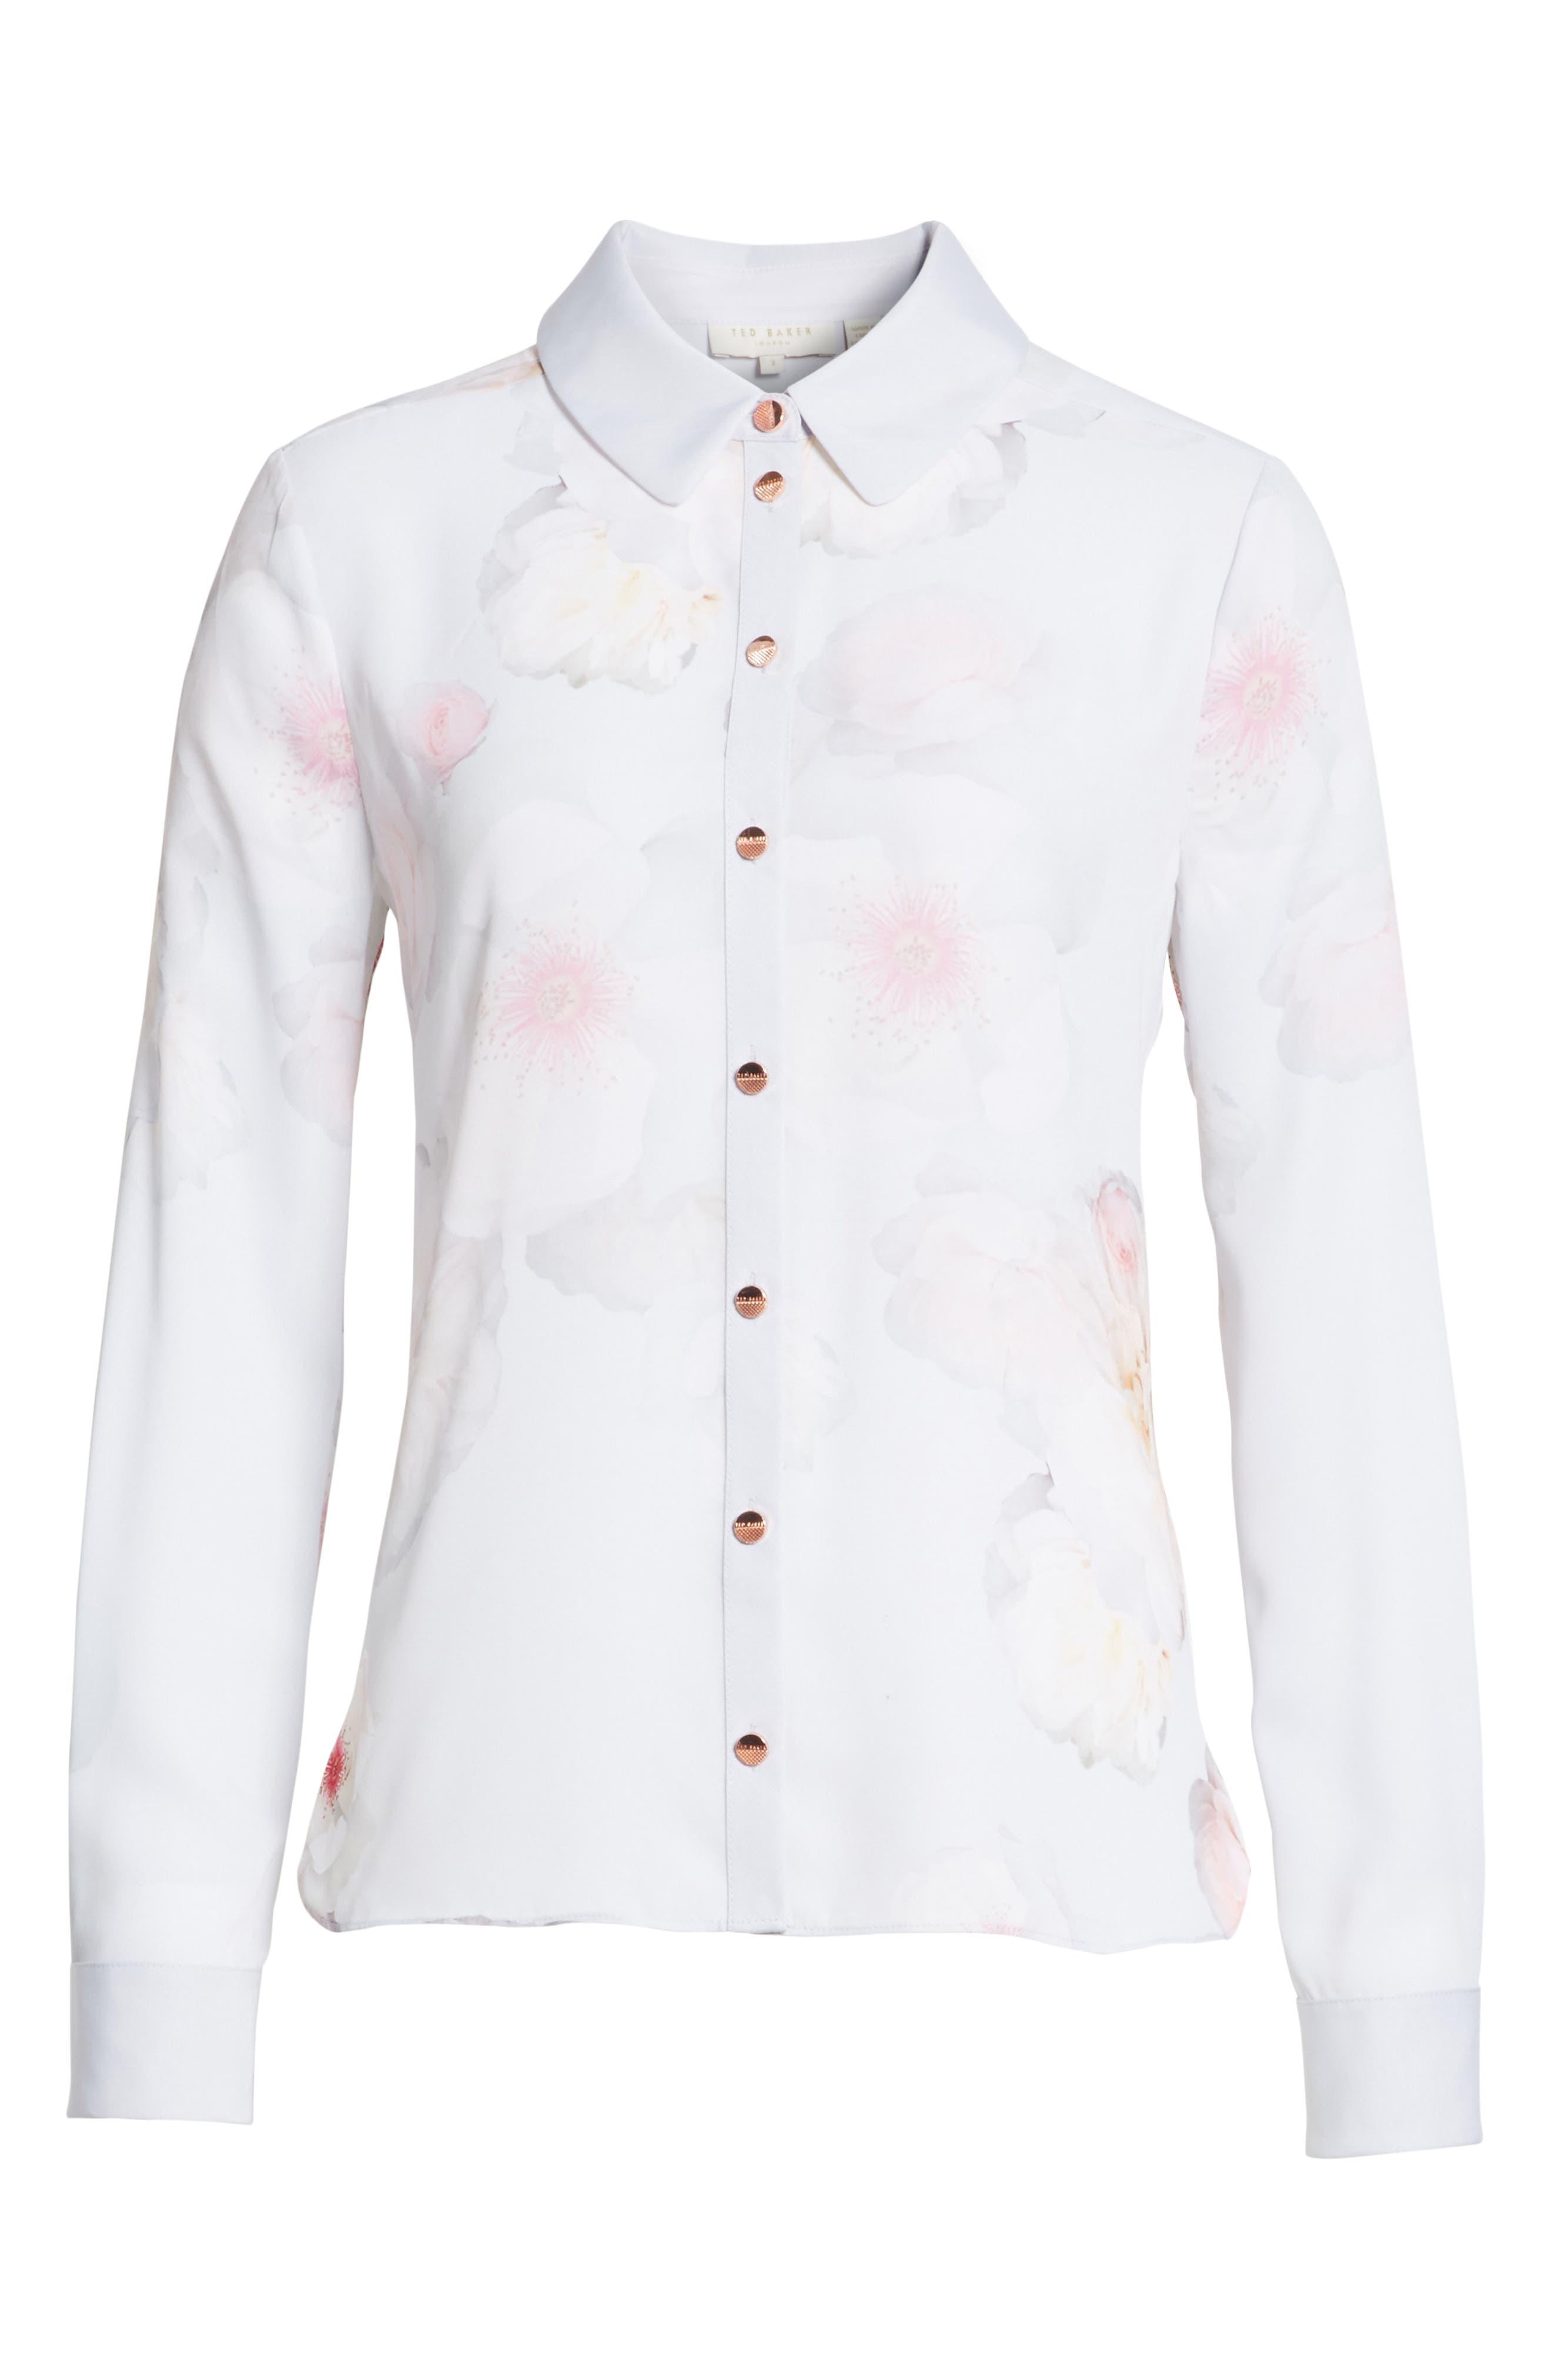 Relar Chelsea Grey Flower Print Shirt,                             Alternate thumbnail 6, color,                             021